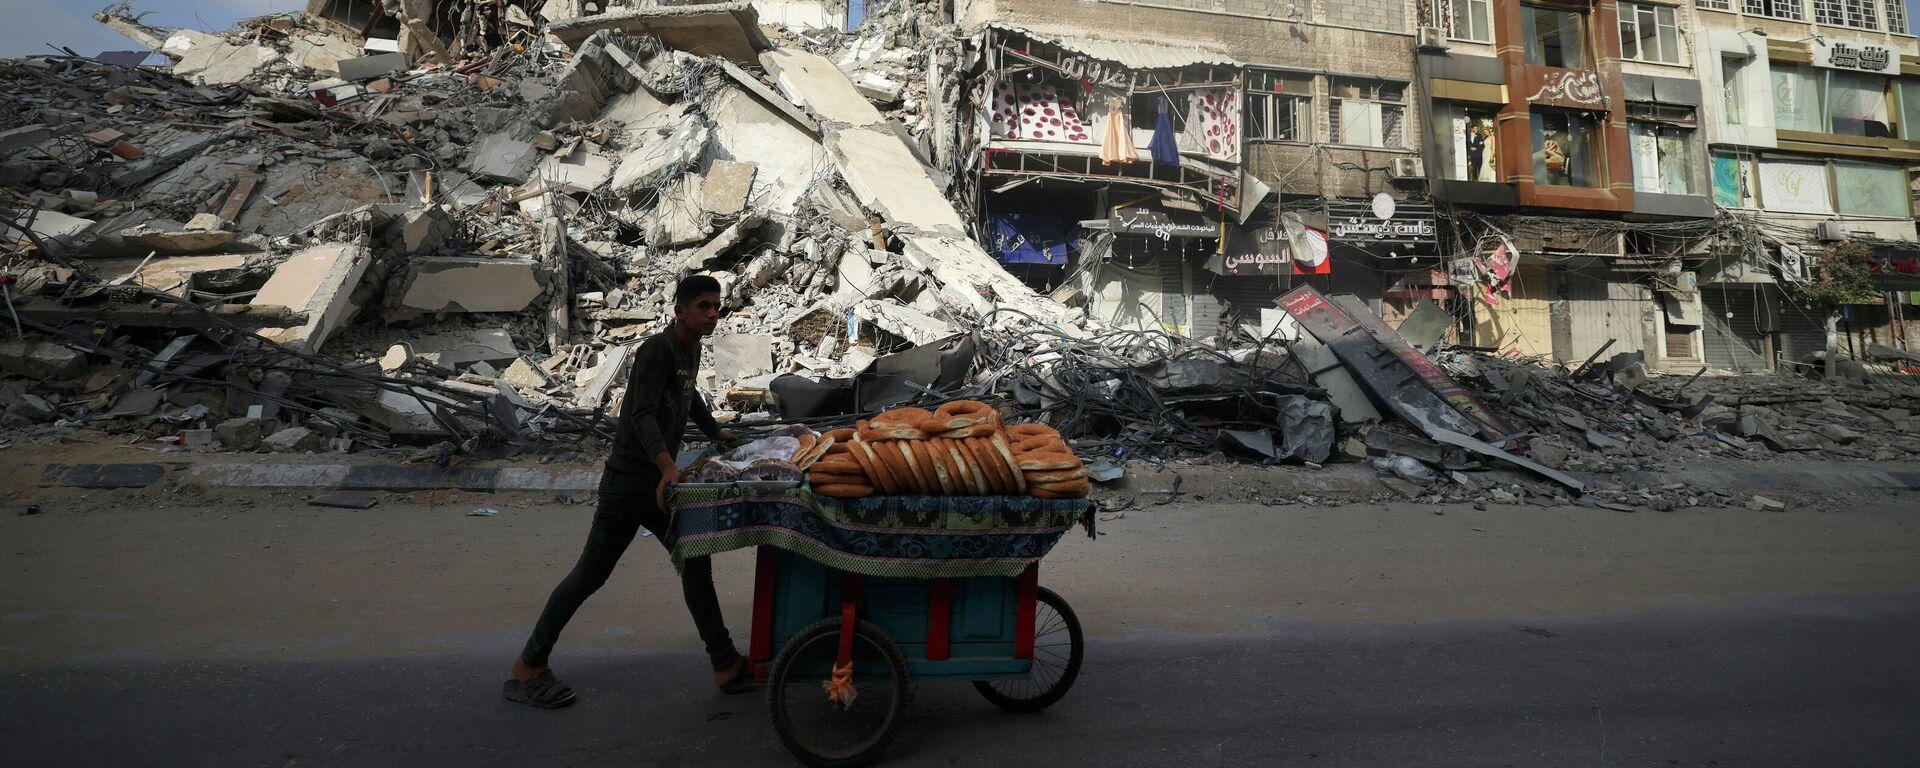 Un palestino camina al lado de un edificio destruido en Gaza tras los bombardeos israelíes - Sputnik Mundo, 1920, 21.05.2021